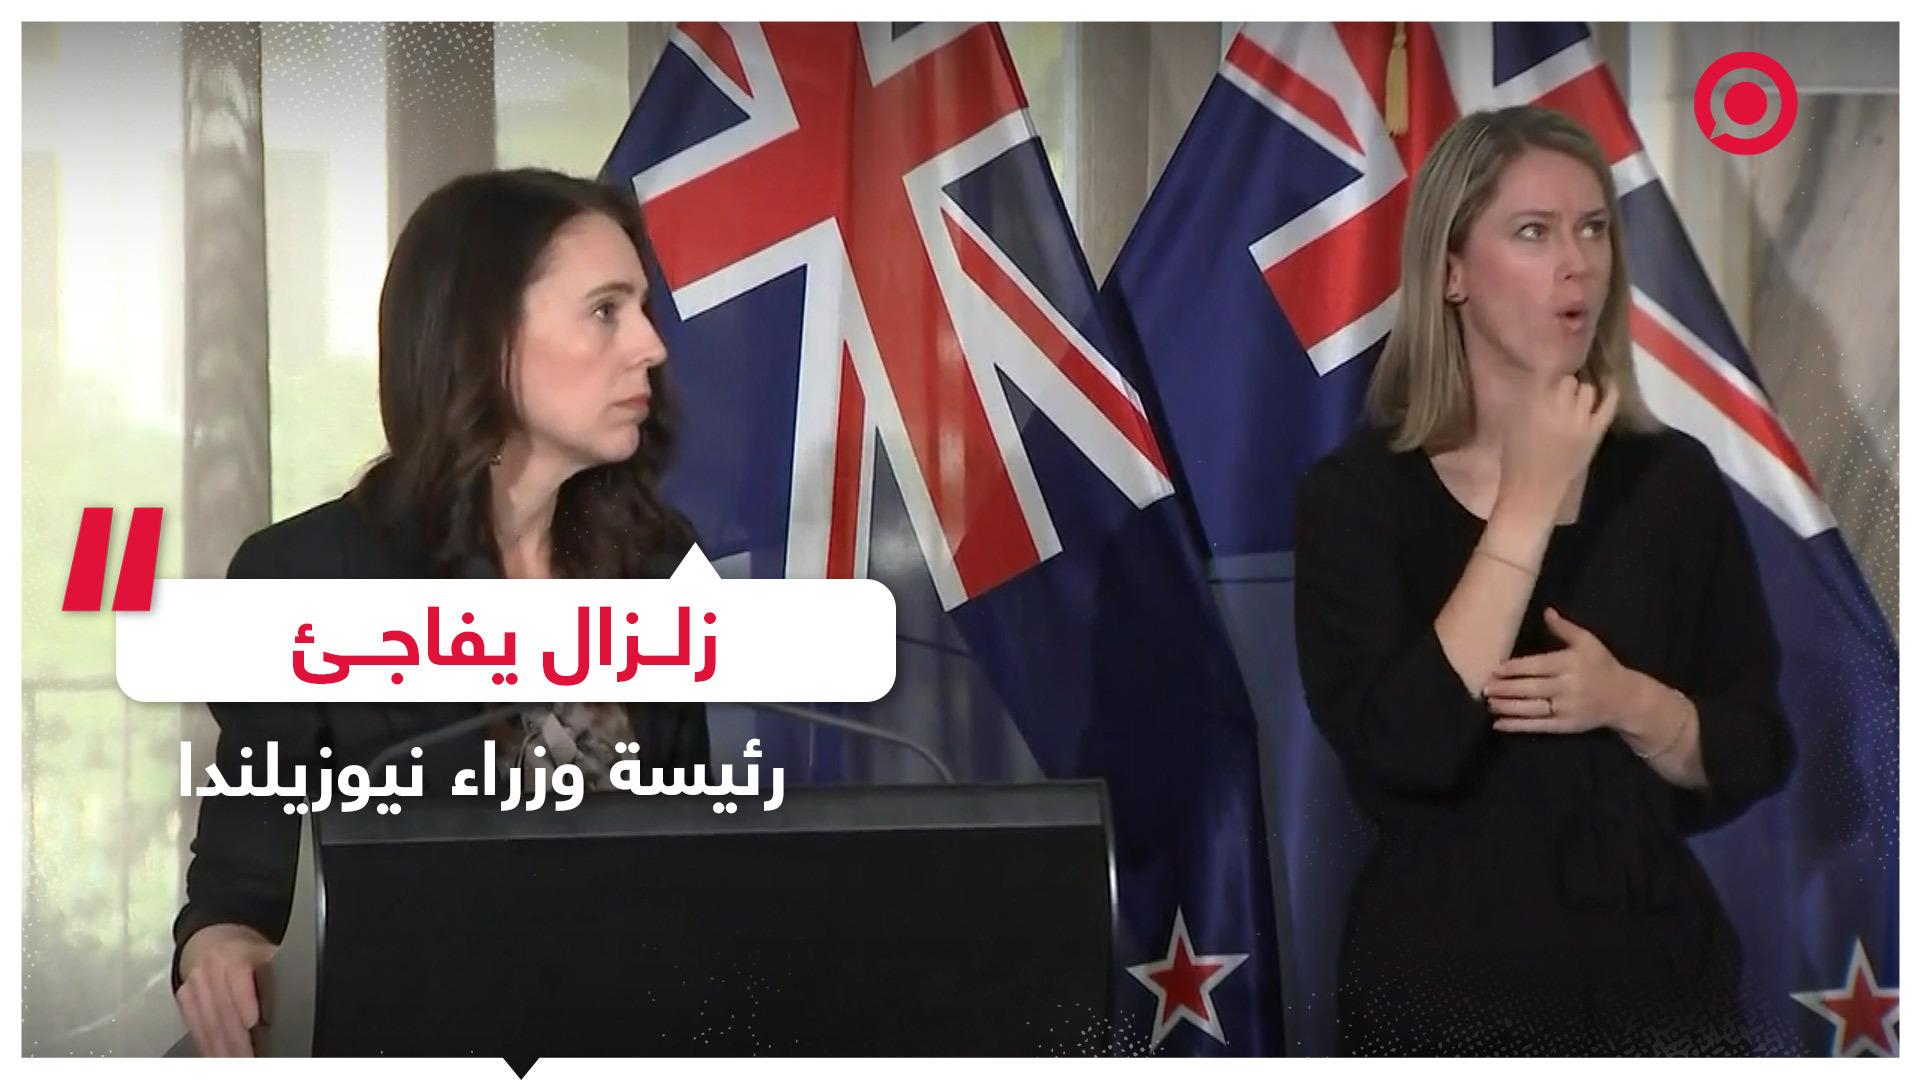 زلزال يفاجئ رئيسة وزراء نيوزيلندا